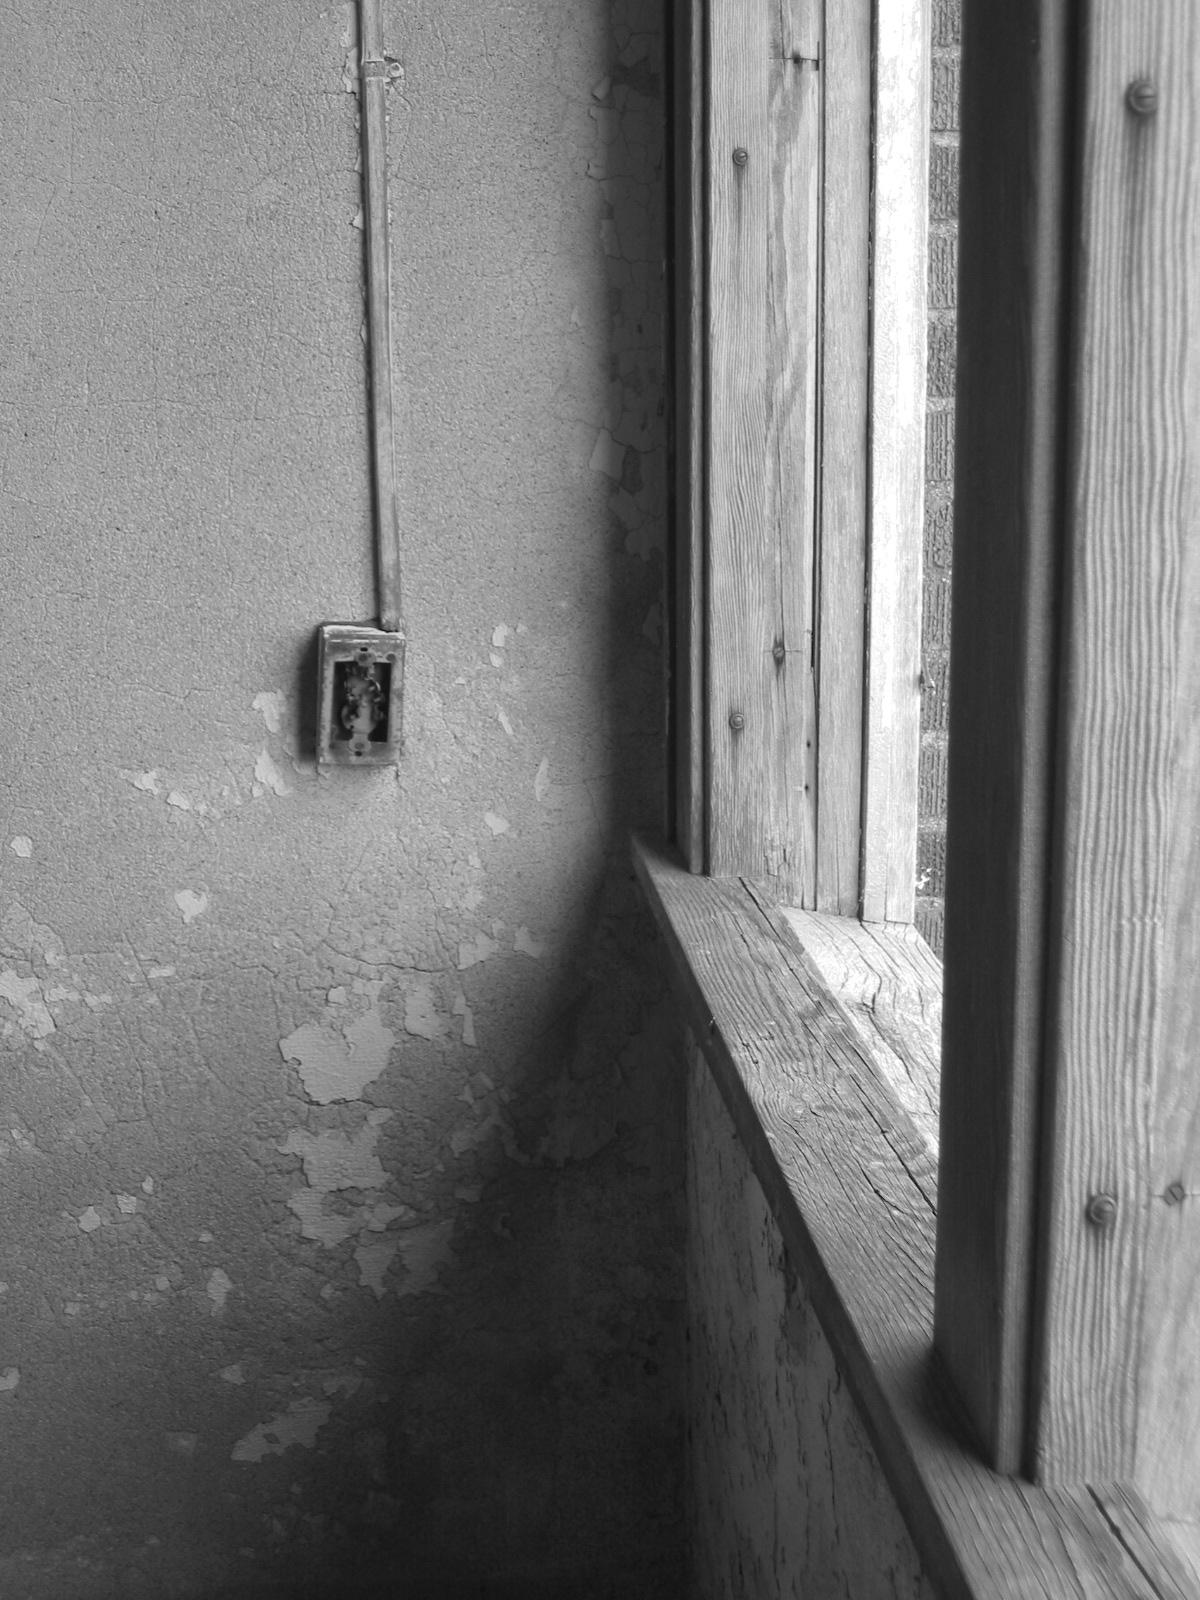 Free photo: Abandoned house - House, Spooky, Windows - Free